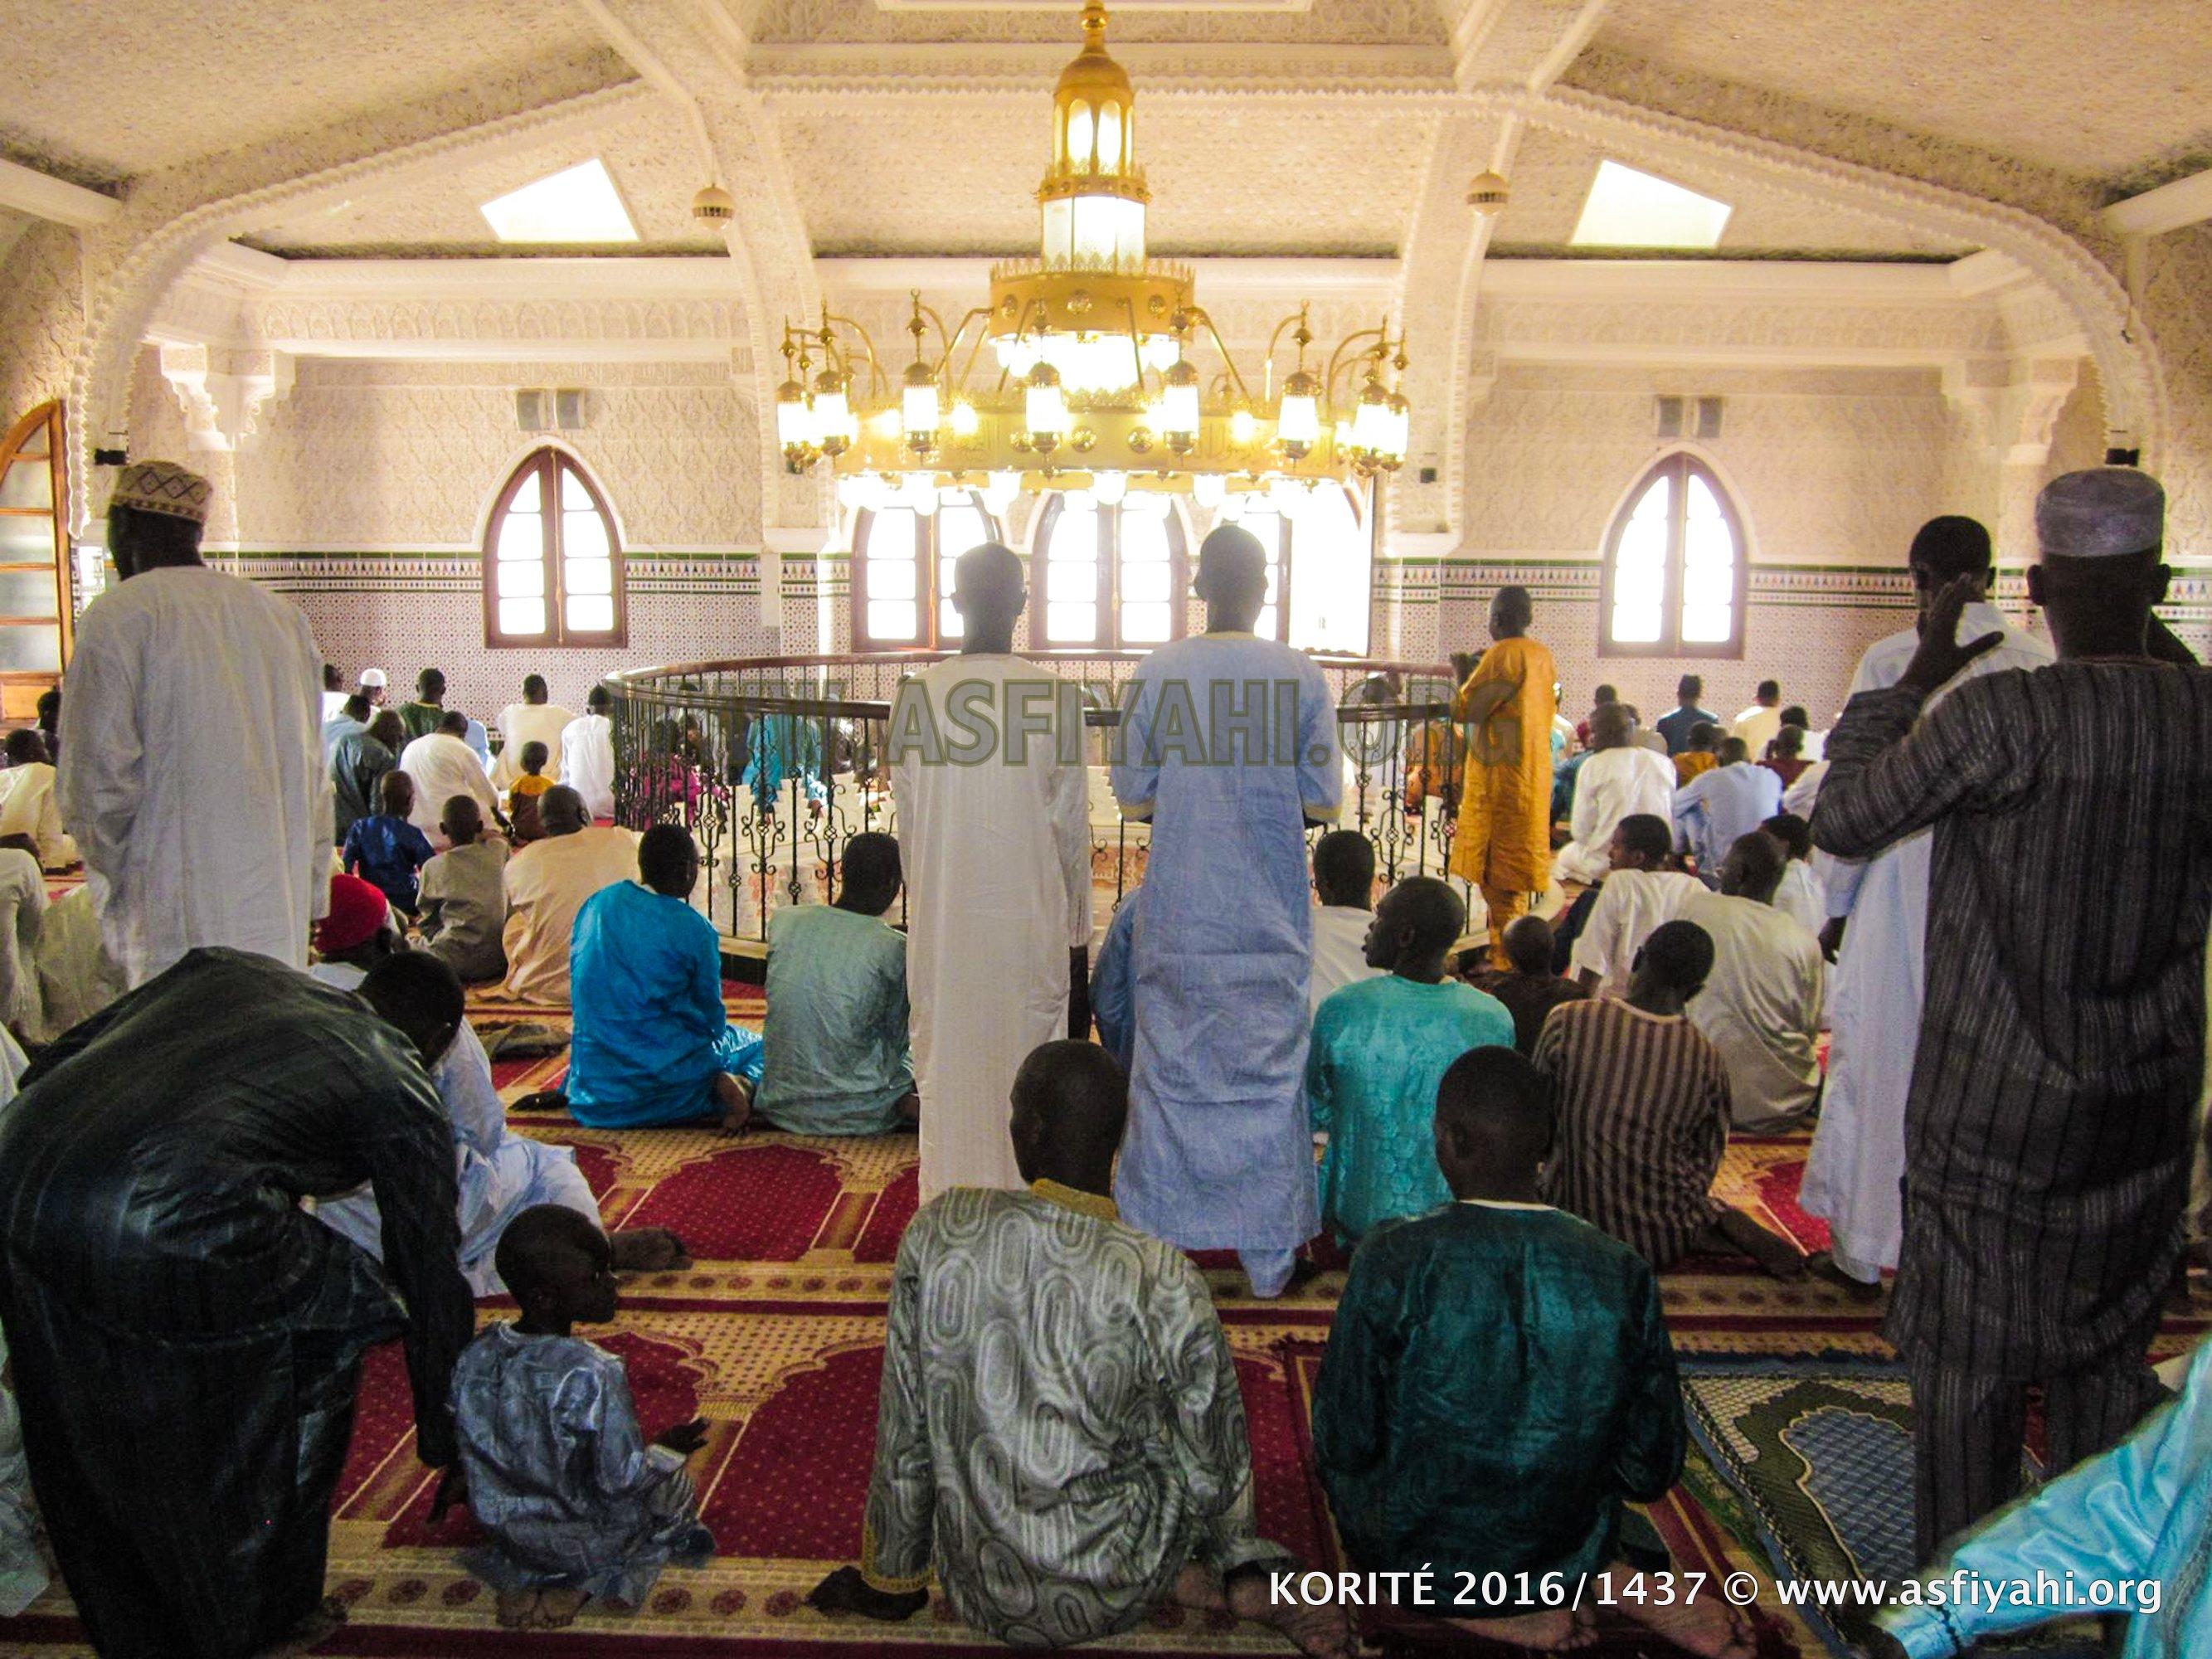 PHOTOS - KORITÉ 2016 À FASS - Les images de la Prière à la Mosquée Seydi Djamil